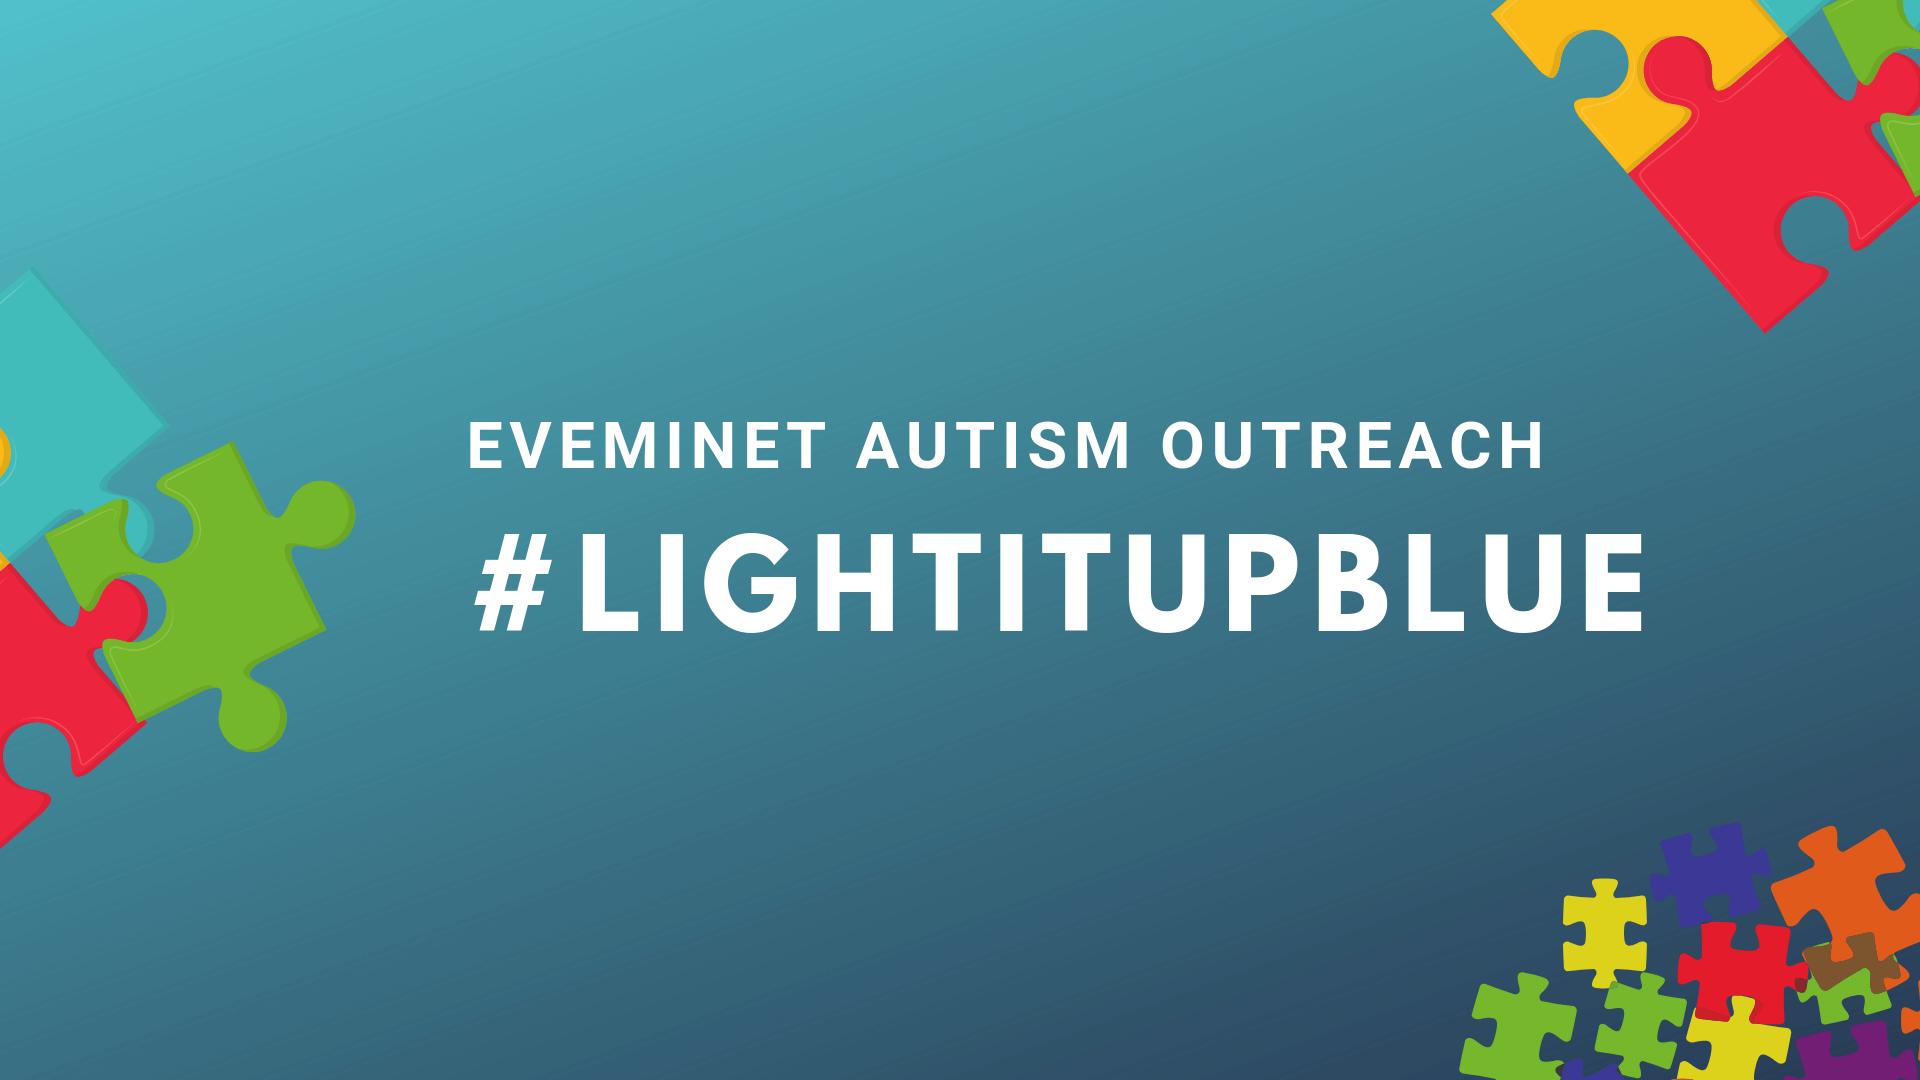 The Autism Outreach Event